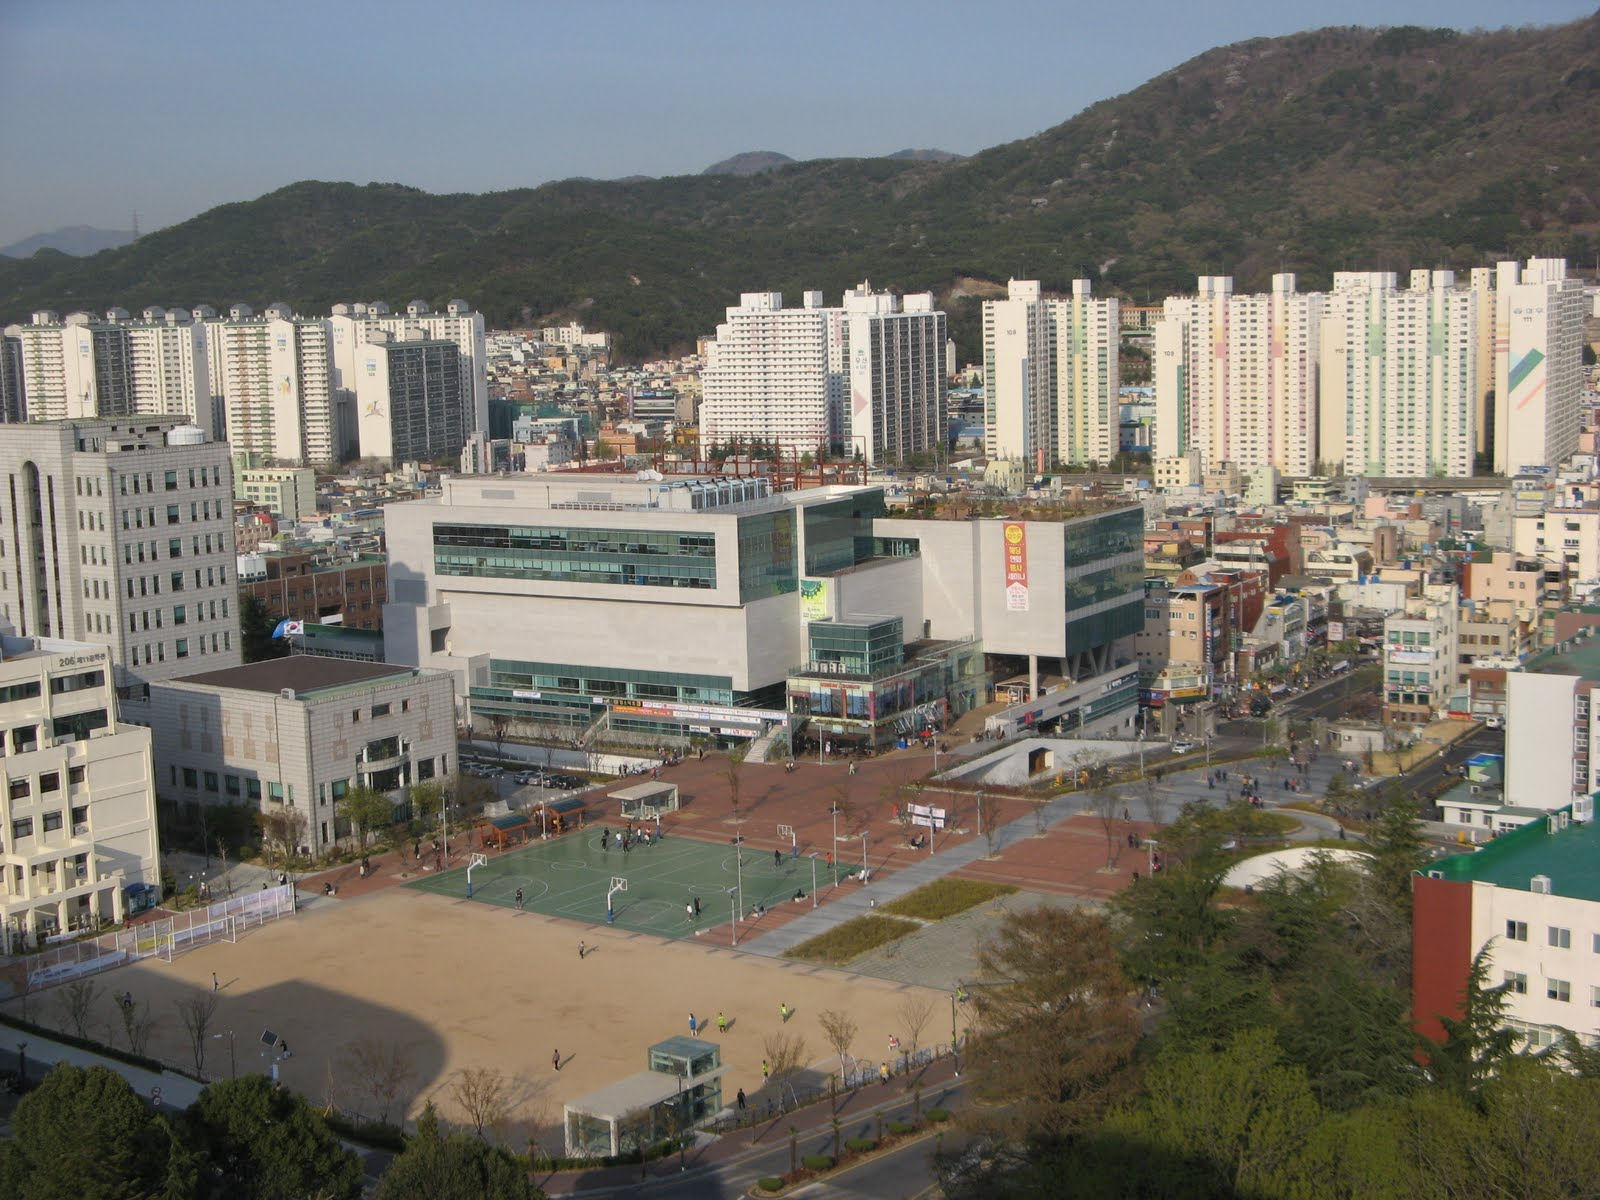 Đại học Quốc gia Pusan nằm ở thành phố Busan-thành phố lớn thứ 2 ở hàn Quốc, lớn thứ 5 thế giới